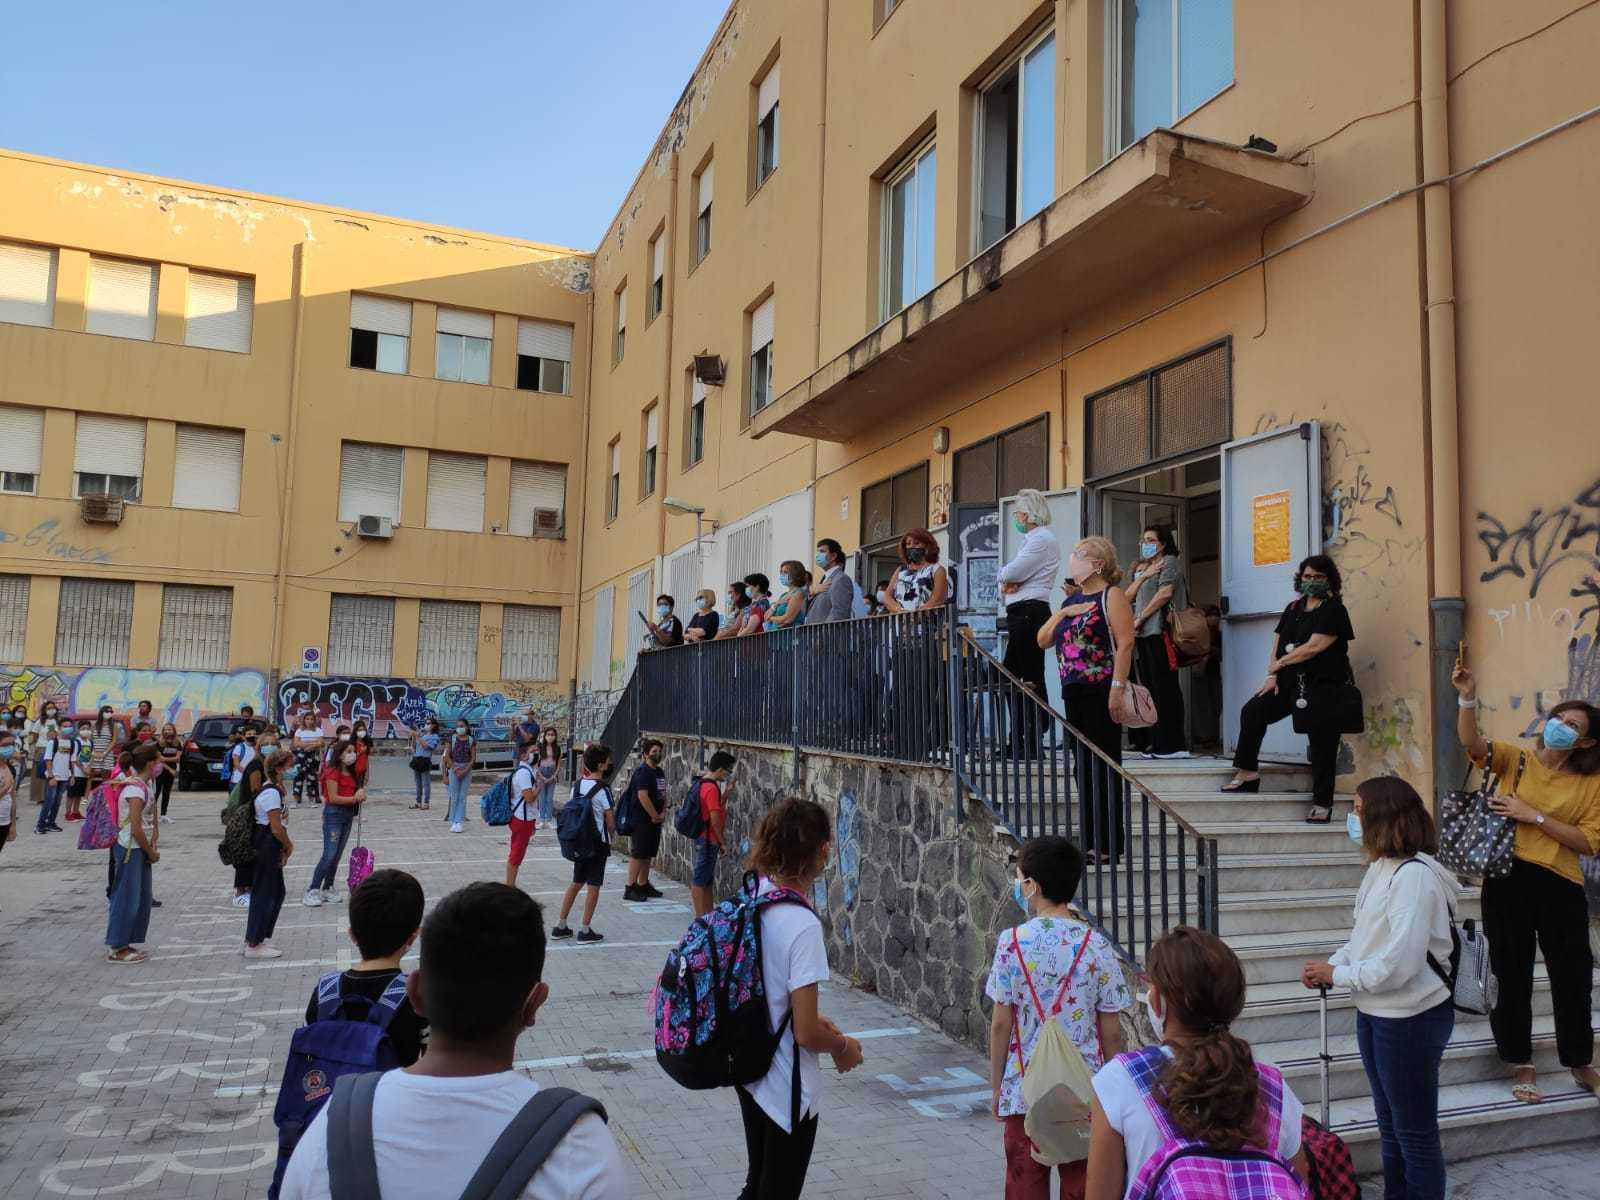 primo-giorno-scuola-secondaria-classi-prime-18-09-2020-1